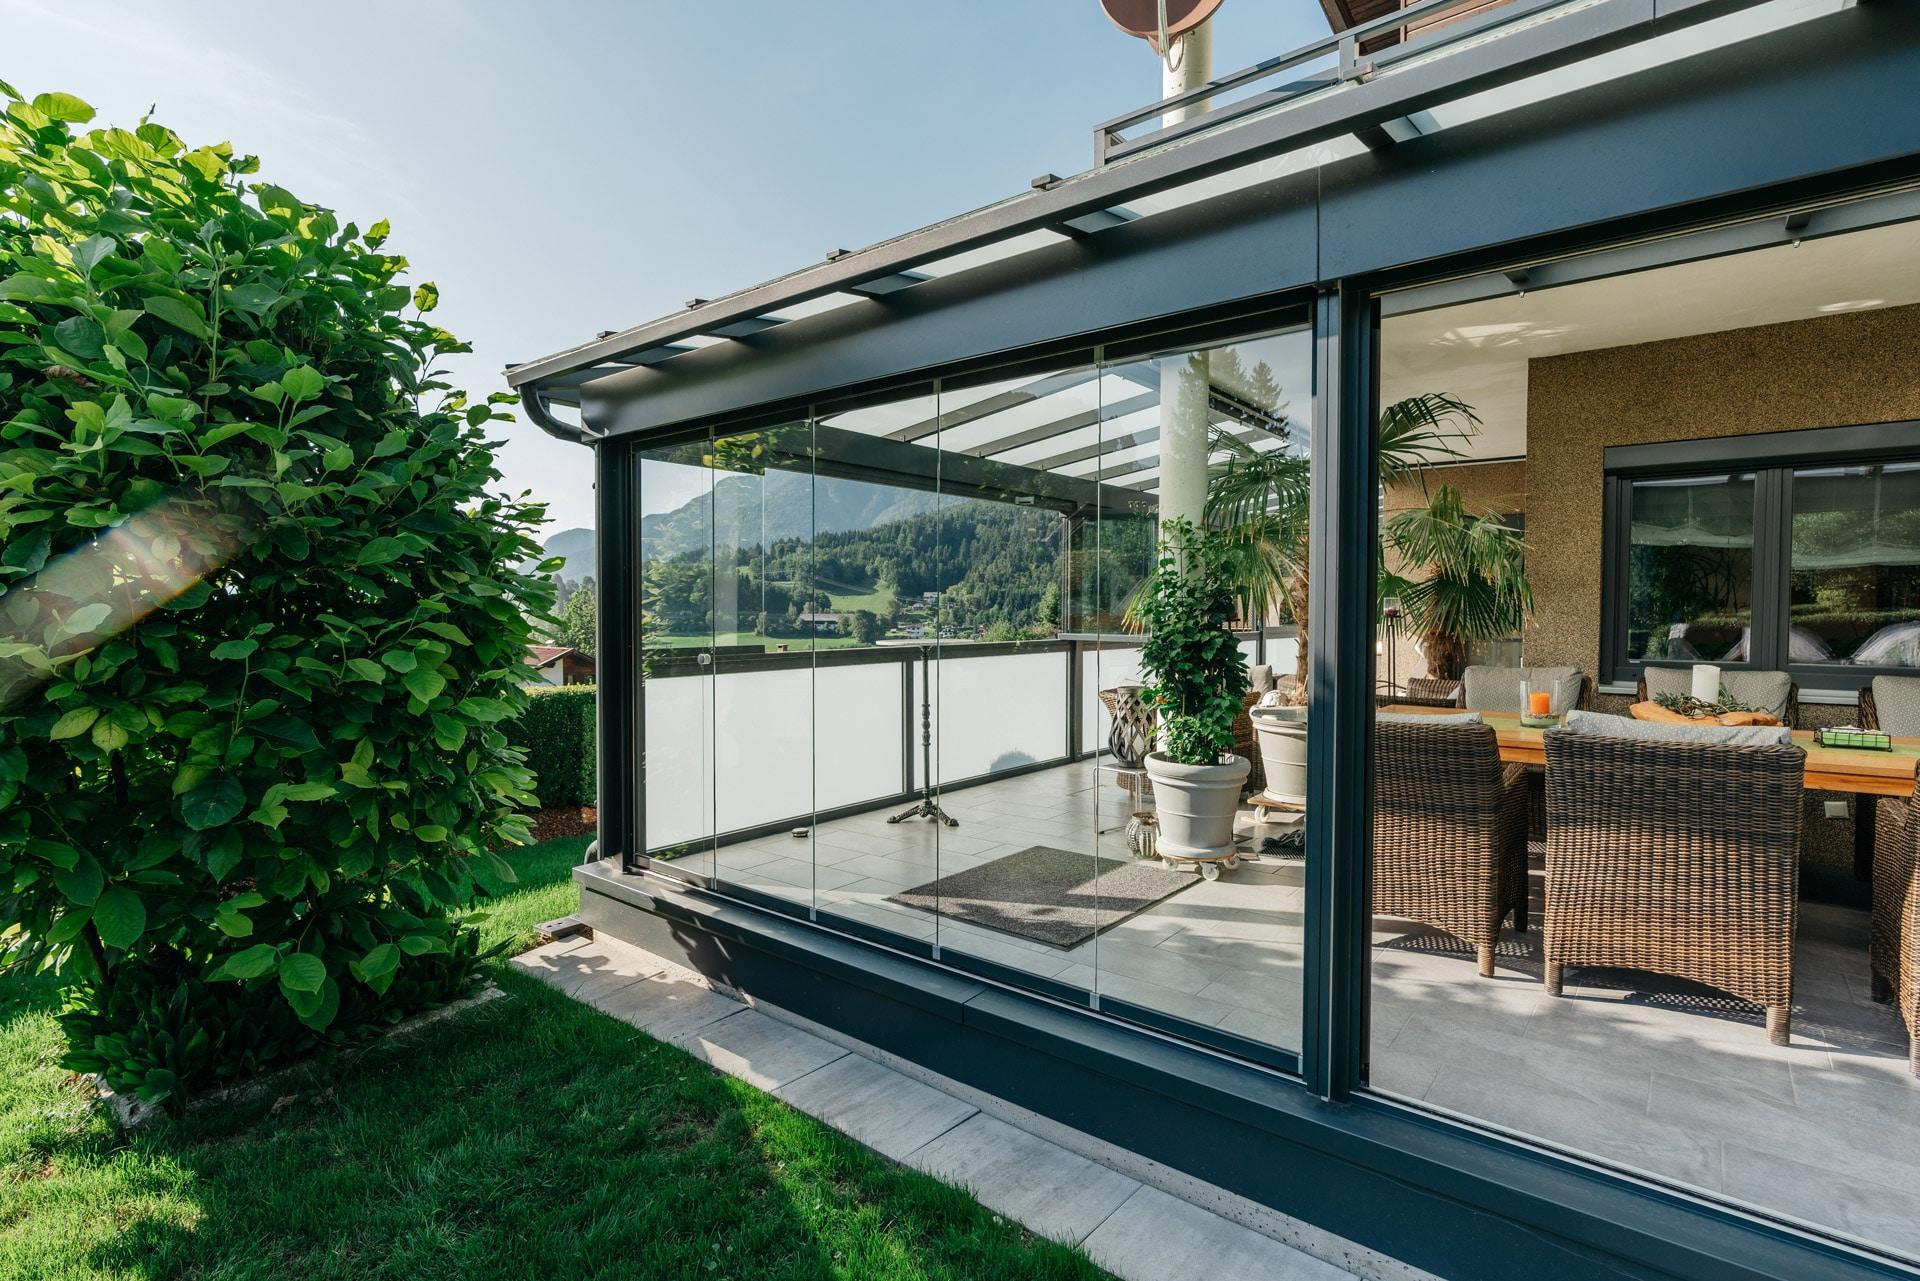 Sommergarten Alu 42 f | L-Förmige Terrassenüberdachung anthrazit mit Verglasung allseitig | Svoboda